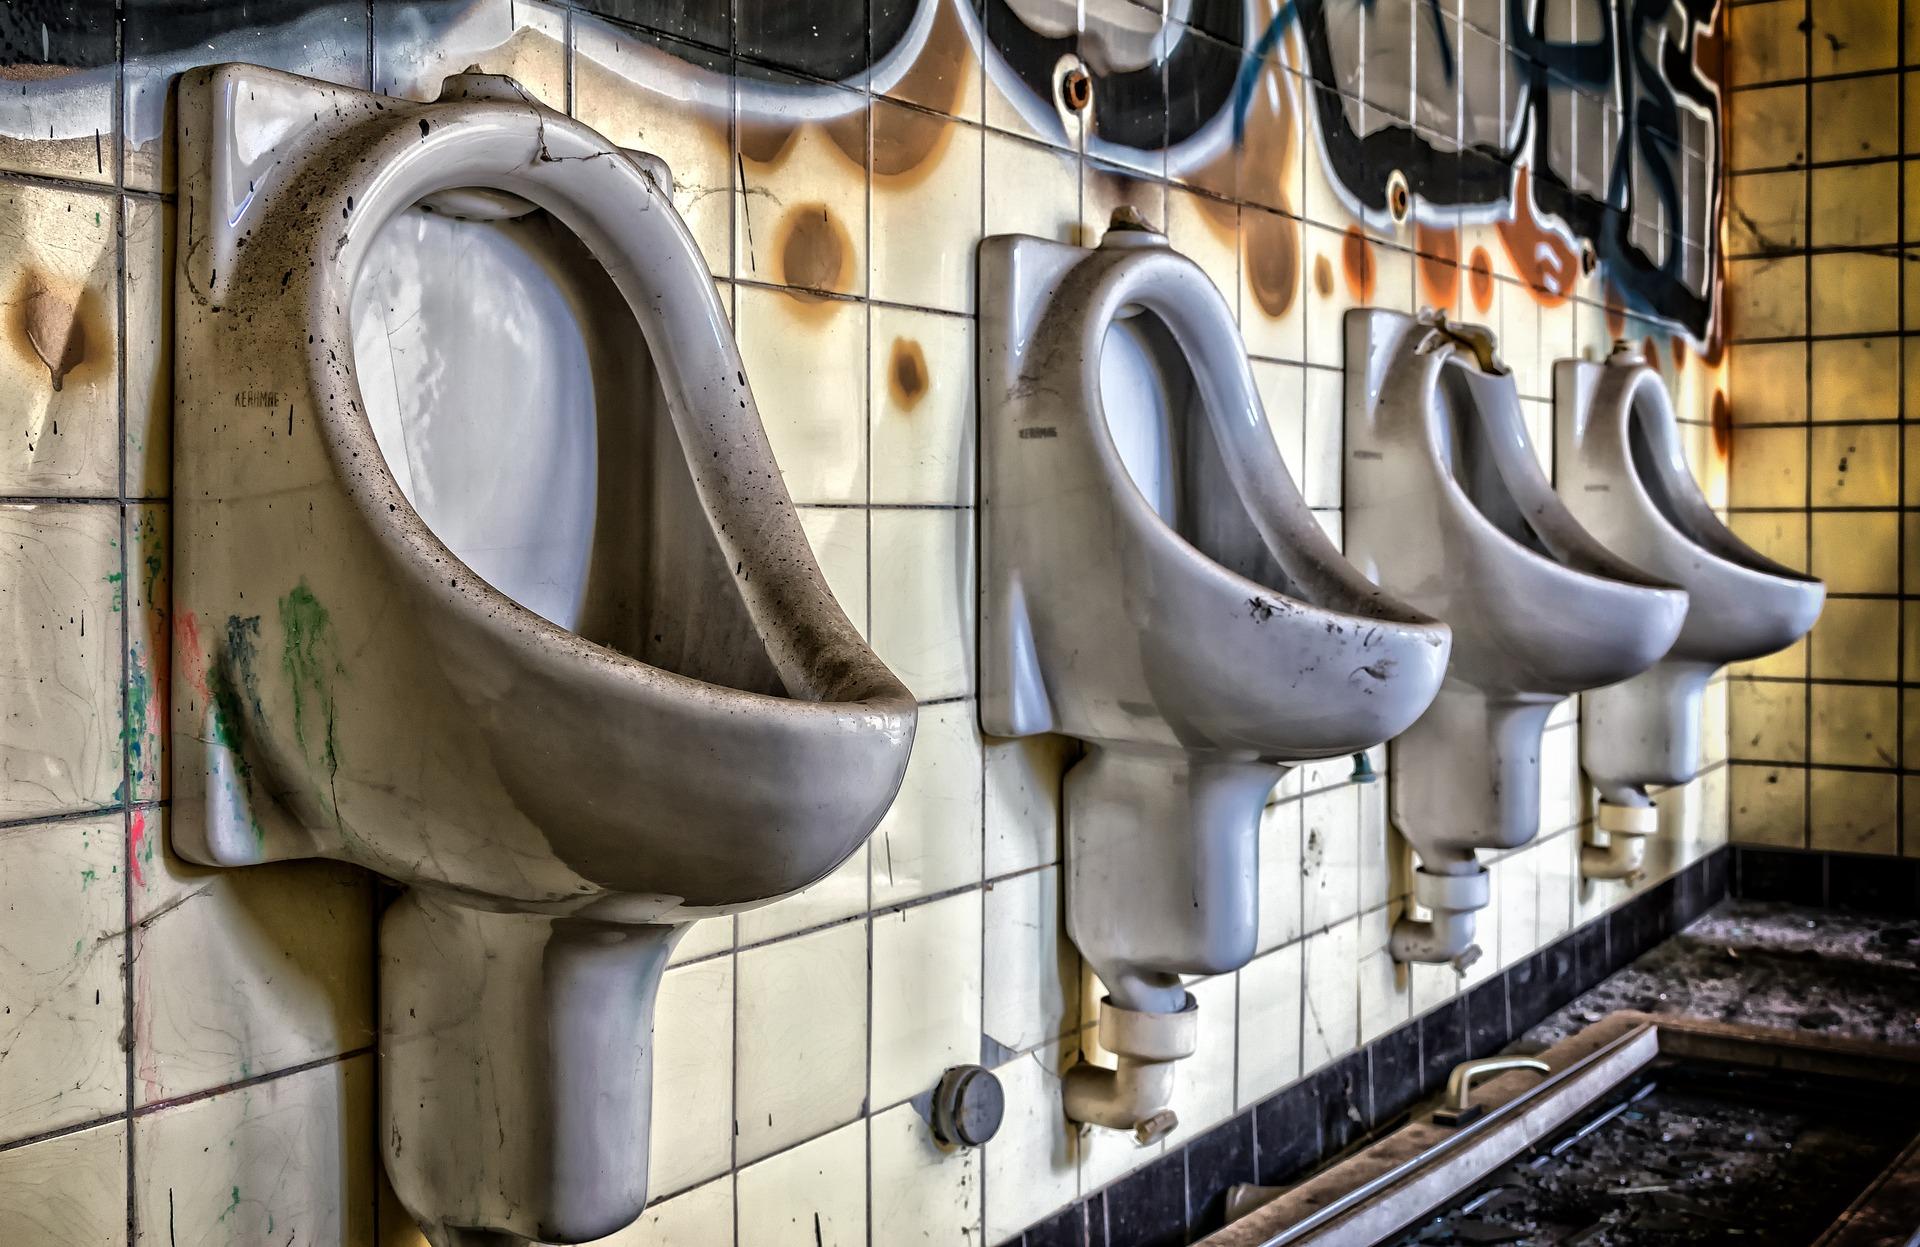 Die acht schmutzigsten Orte in Ihrem Zuhause